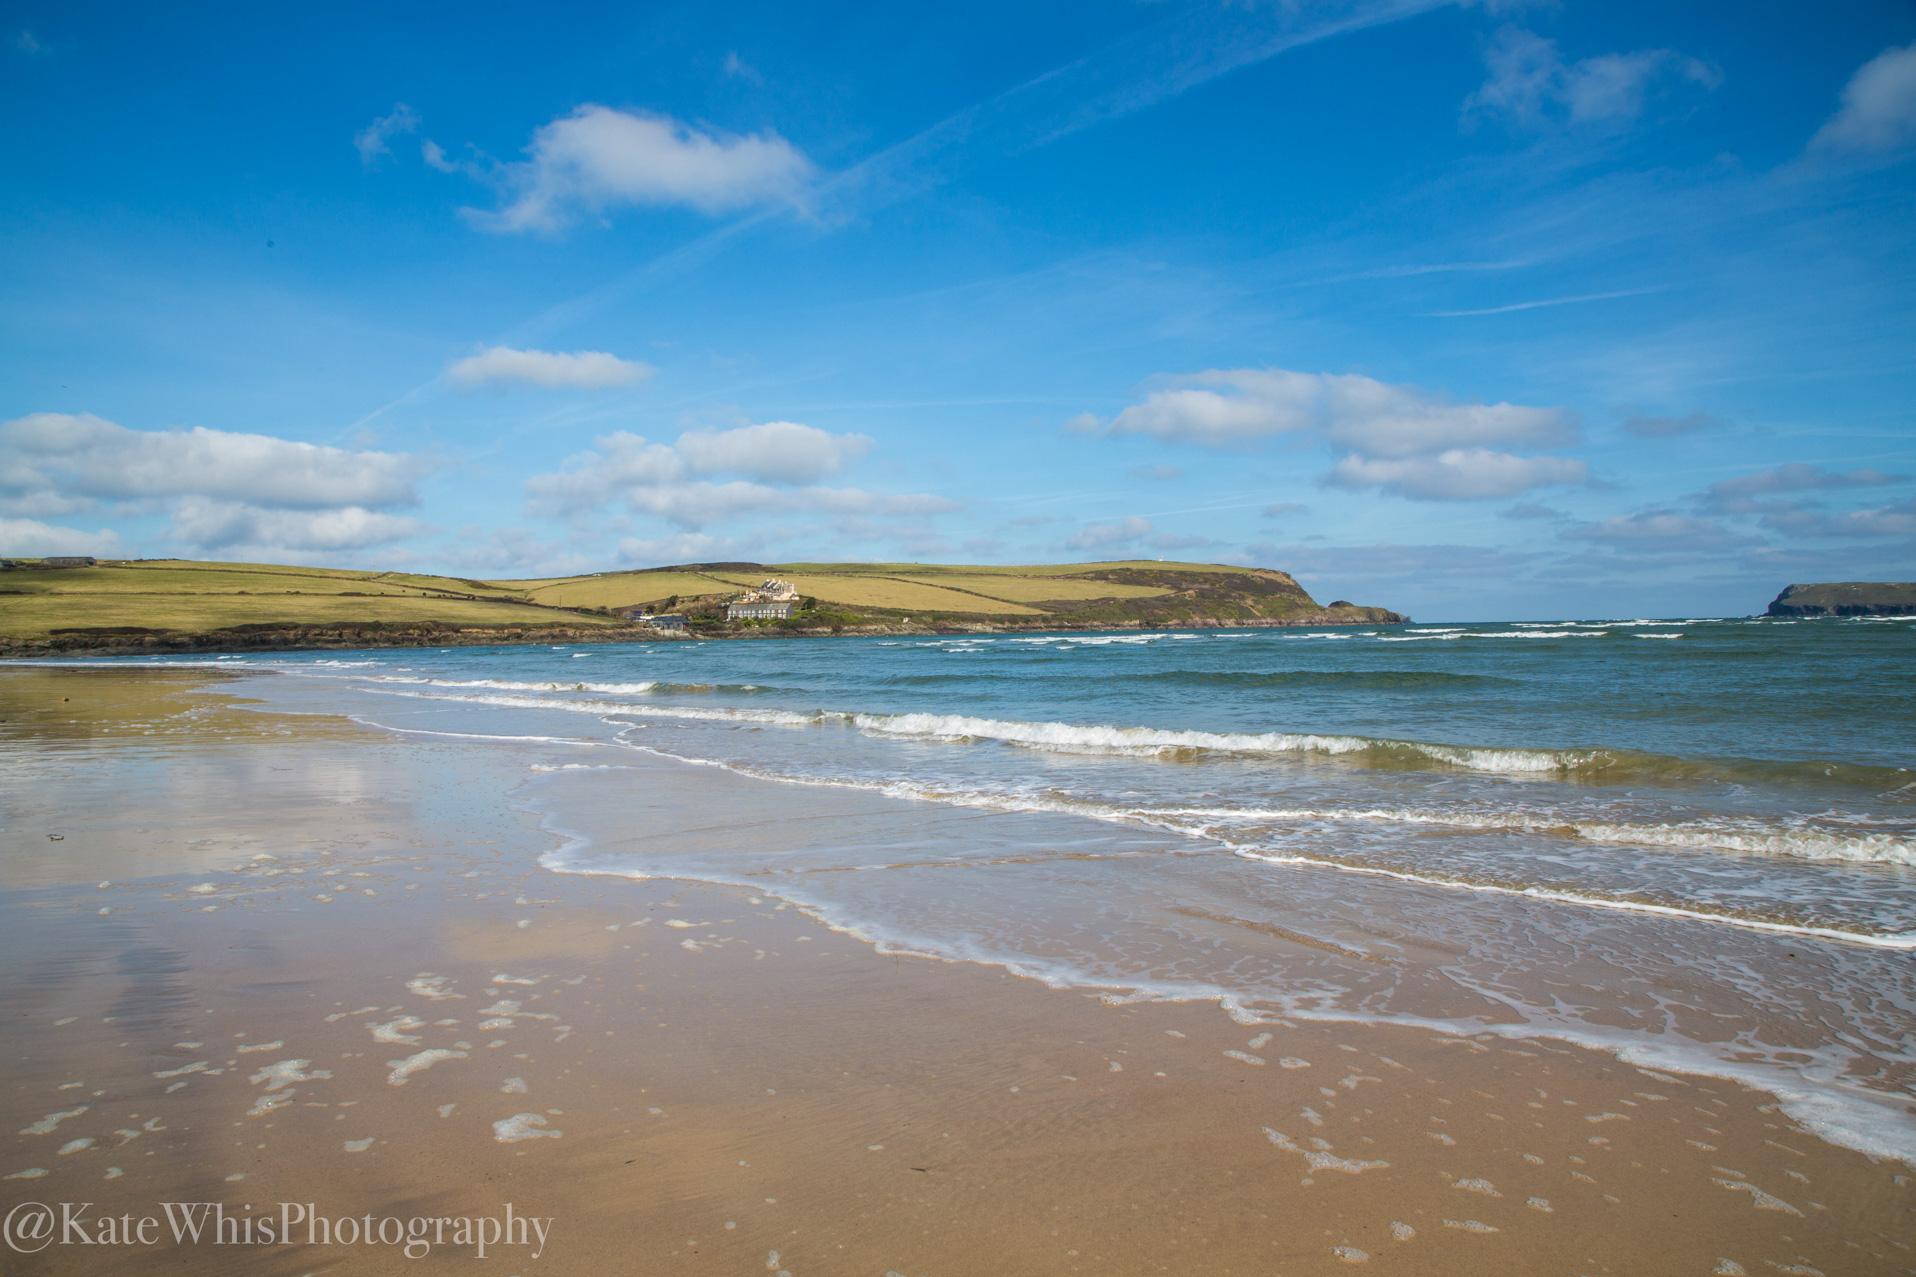 View looking over Tregirls beach, Cornwall